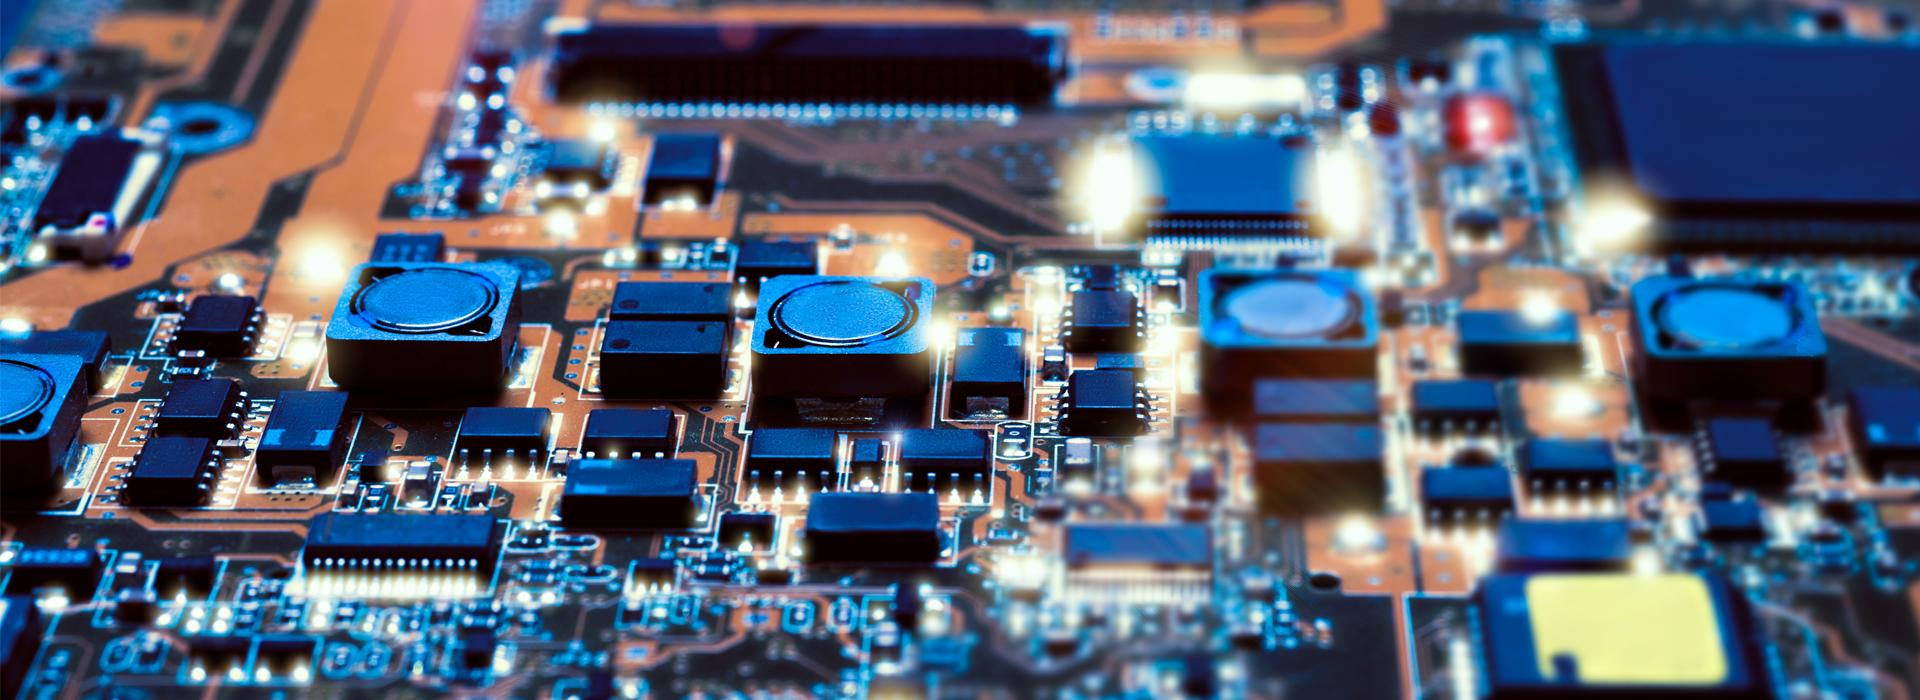 電子股仍居要角 首見市值10兆企業